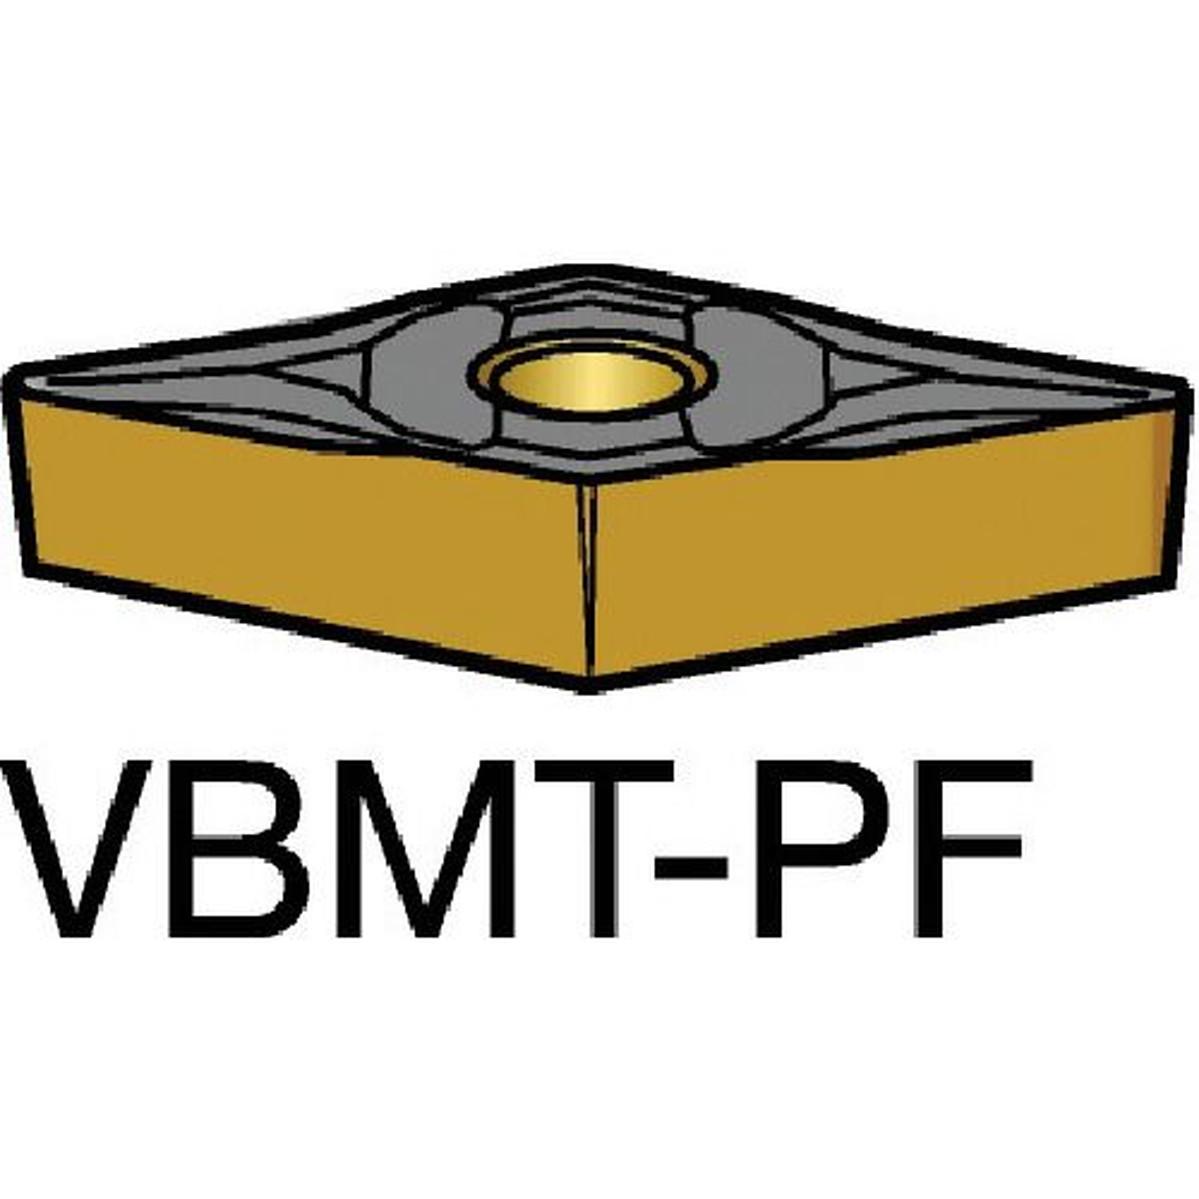 大人気定番商品 サンドビック 旋削用ポジ・チップ コロターン107 1525 旋削用ポジ・チップ 1525 10個 10個, 福澤モータースクール:f5f1c85a --- promotime.lt